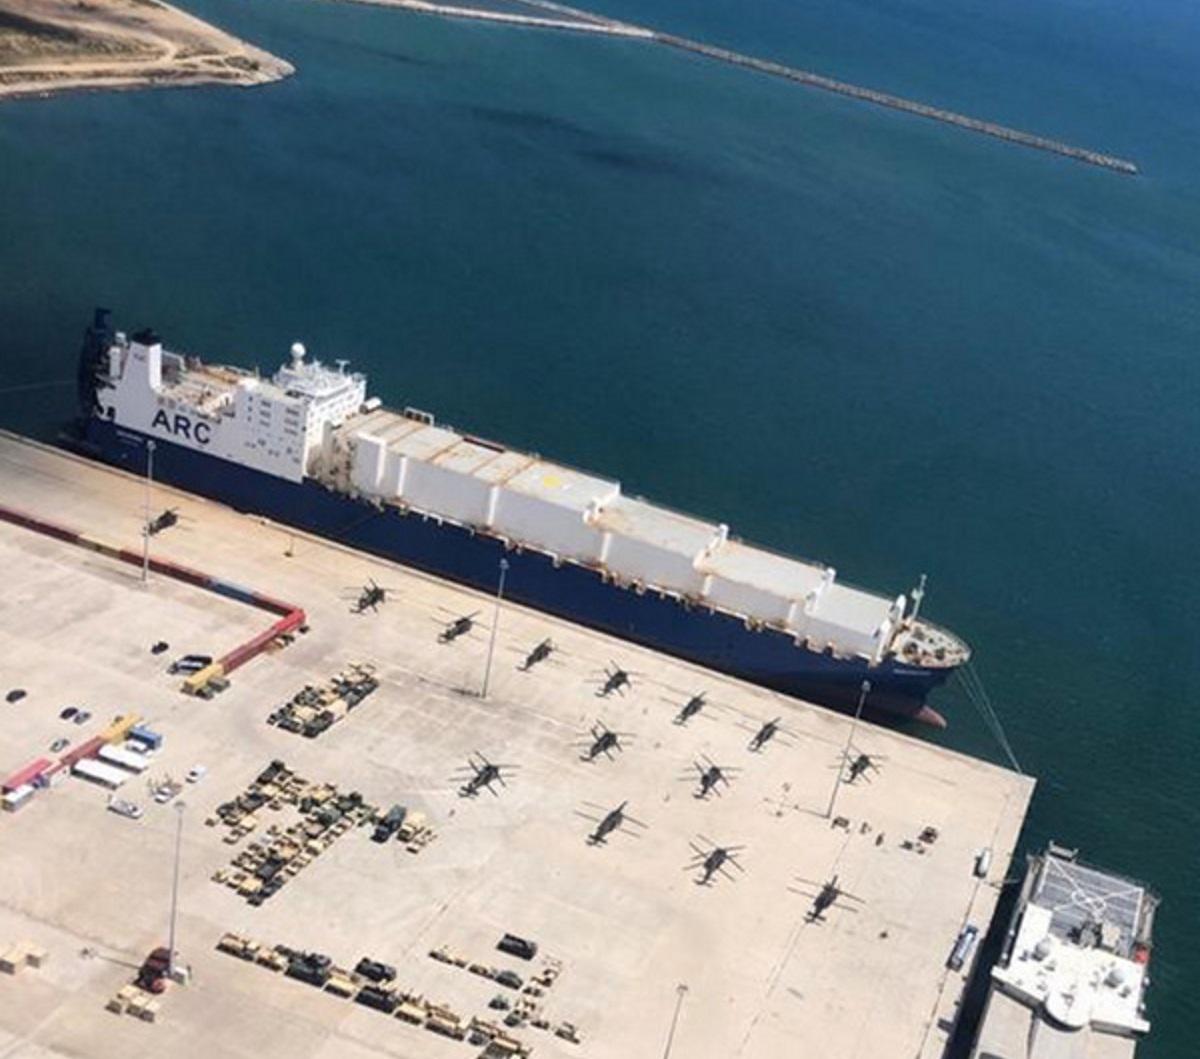 Στο λιμάνι της Αλεξανδρούπολης ο Πρόεδρος και ο Διευθύνων Σύμβουλος του ΤΑΙΠΕΔ